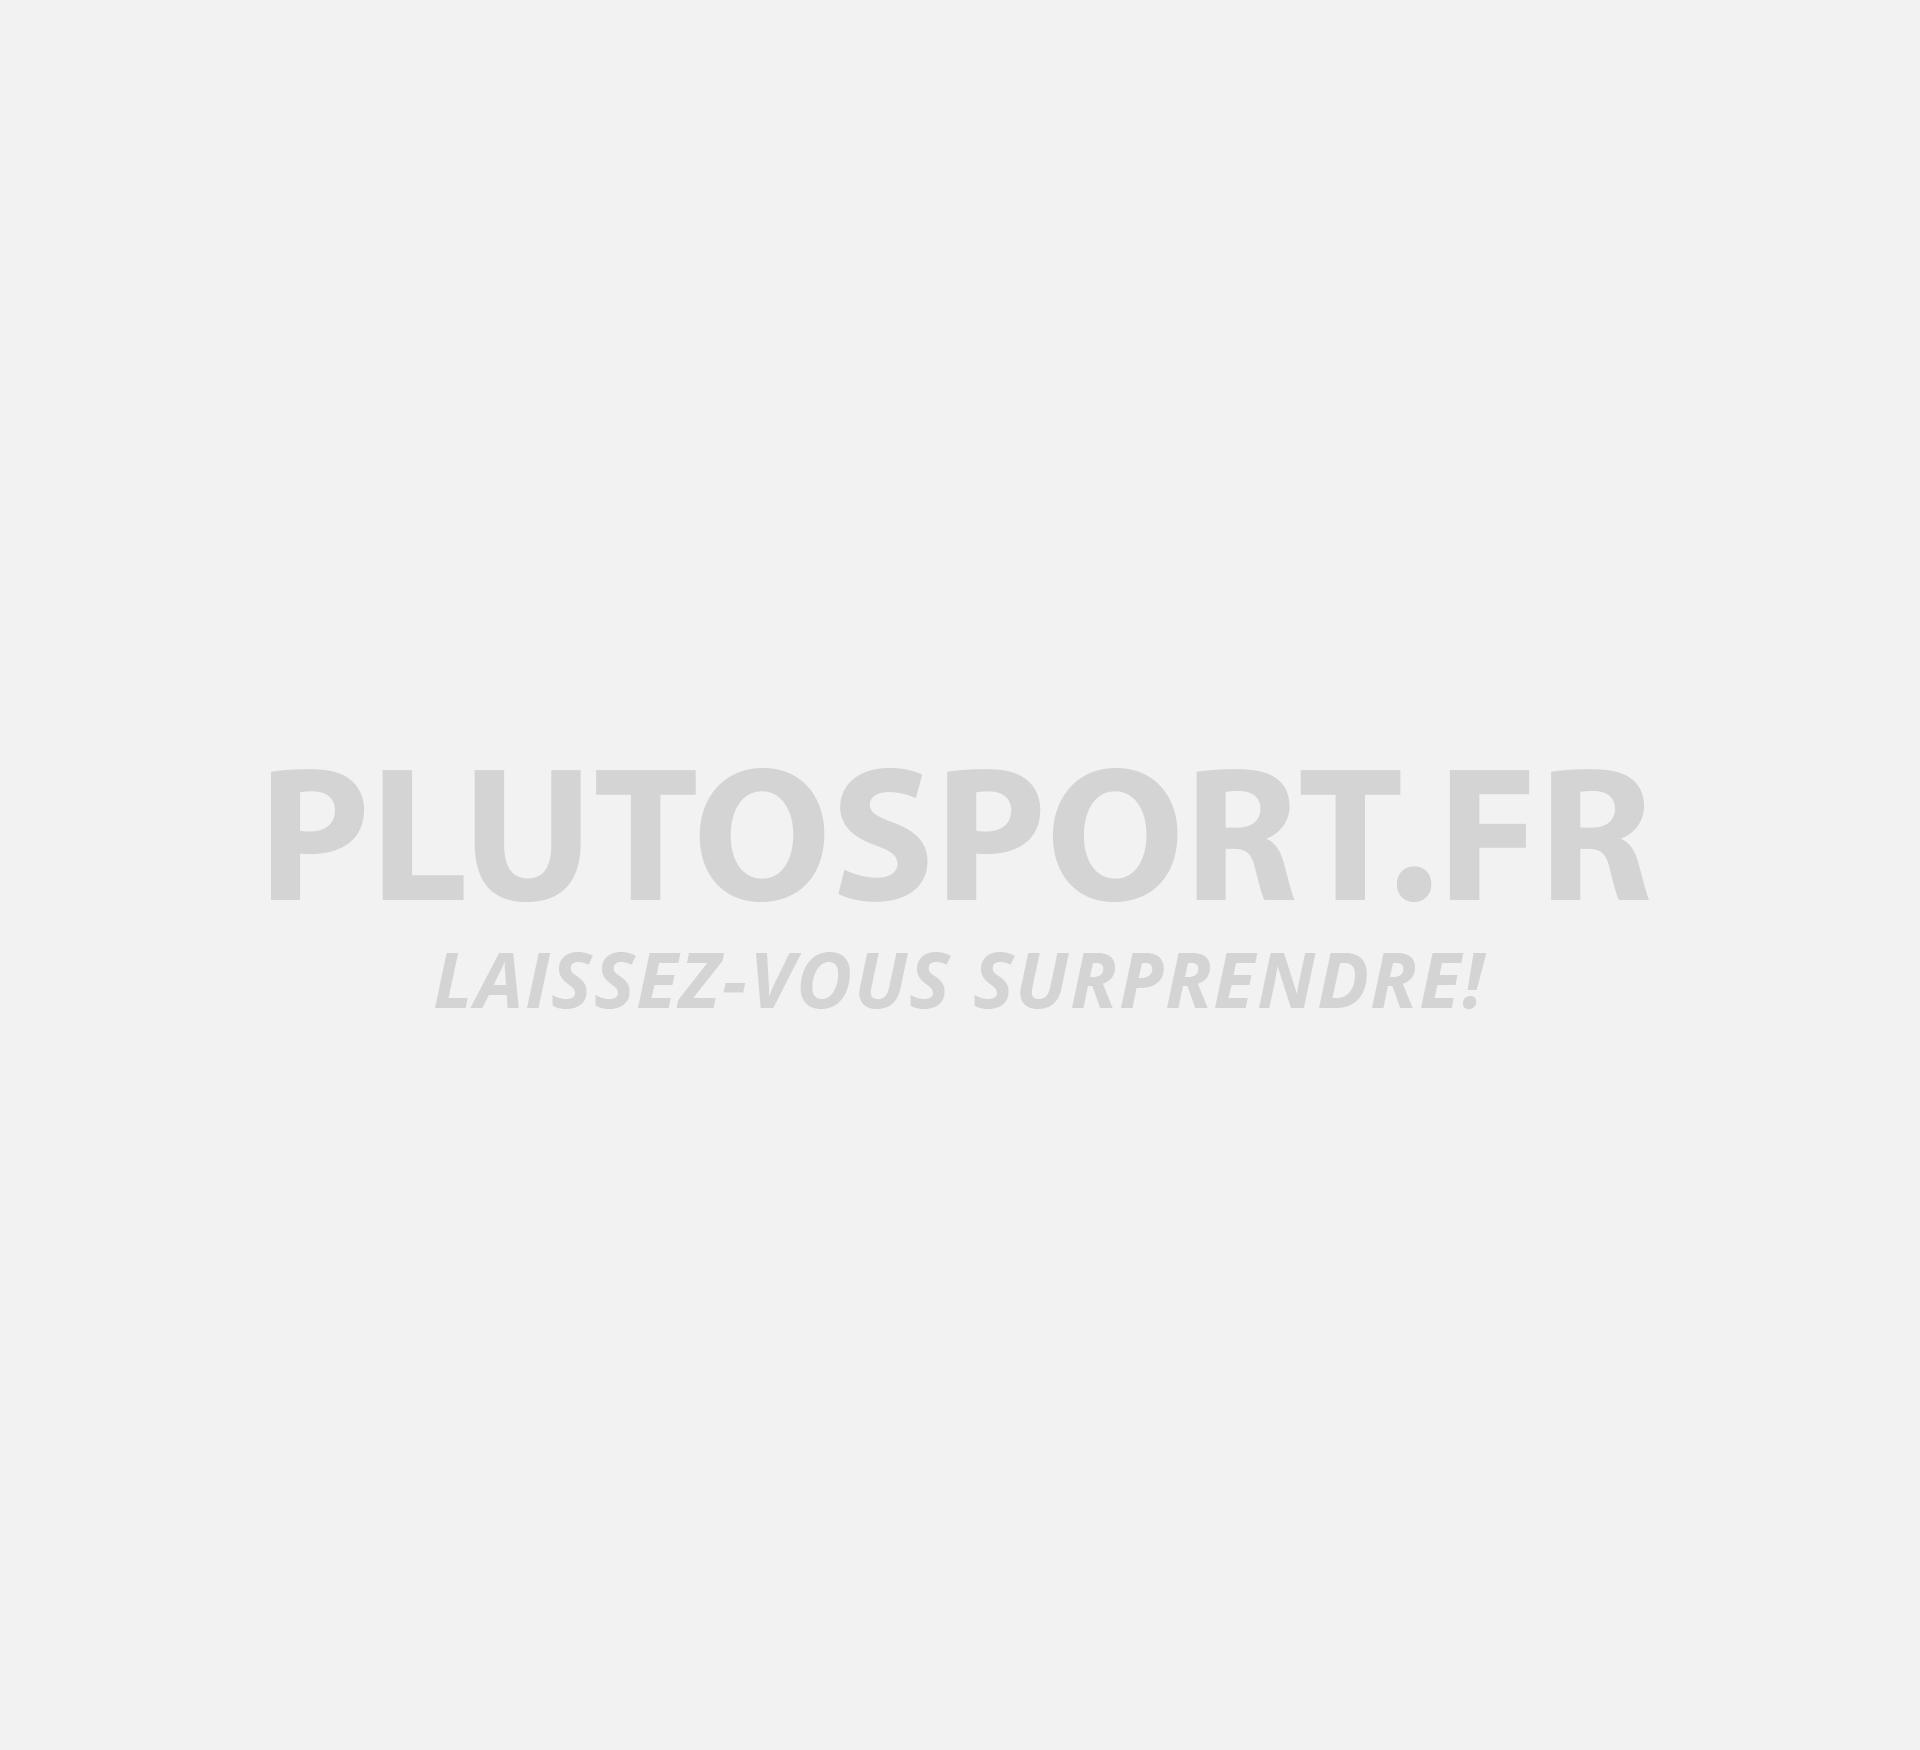 Chaussure de football en salle pour enfants Nike Jr MercurialX Vapor XII Academy IC